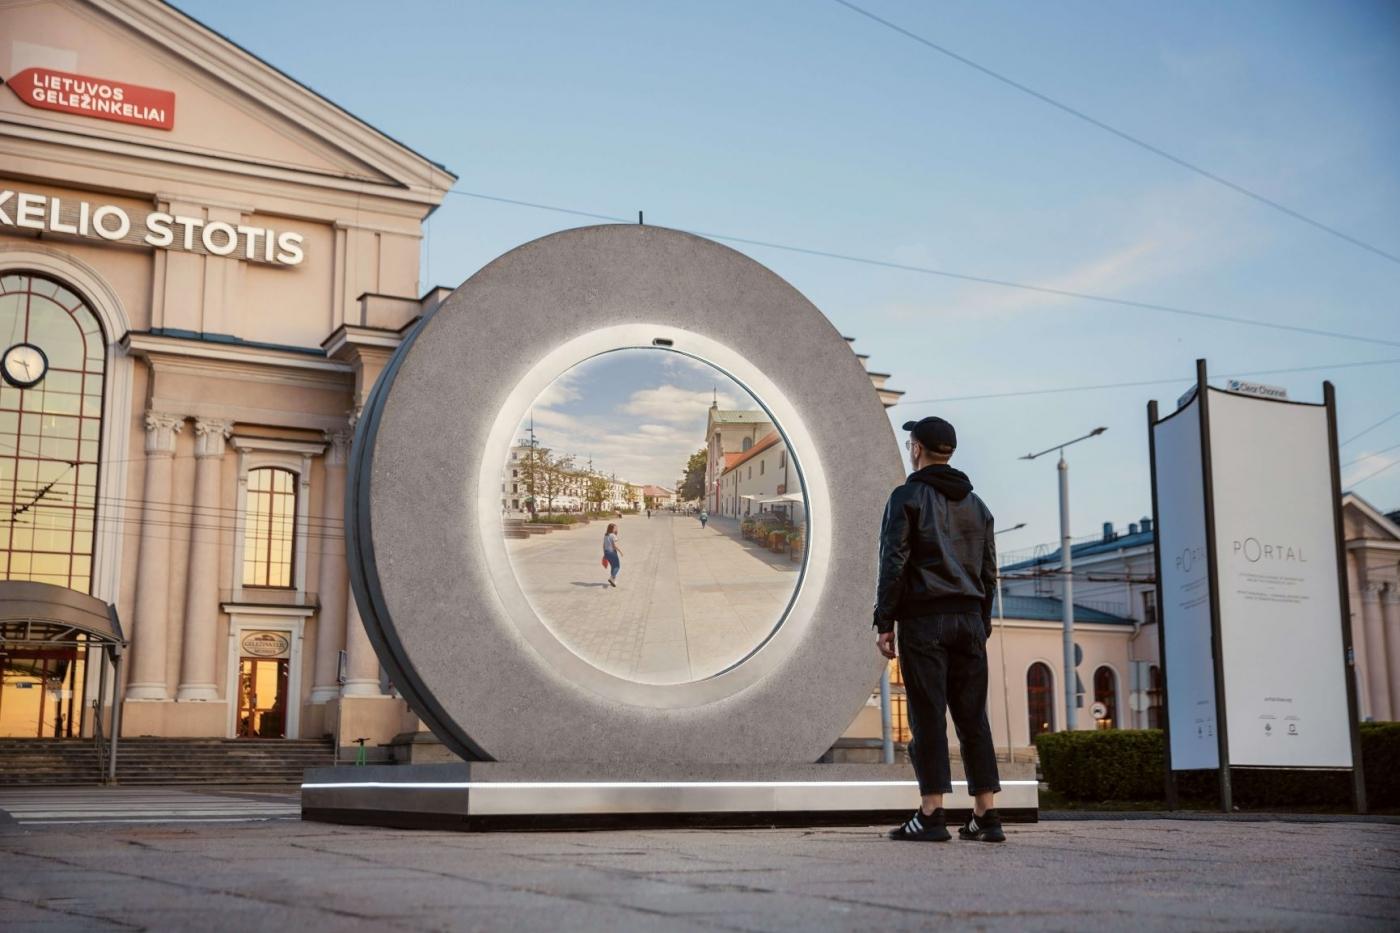 串連相隔 600 公里的兩座城市!立陶宛打造「任意門 Portal」與波蘭實時連線,冰島雷克雅維克也要裝